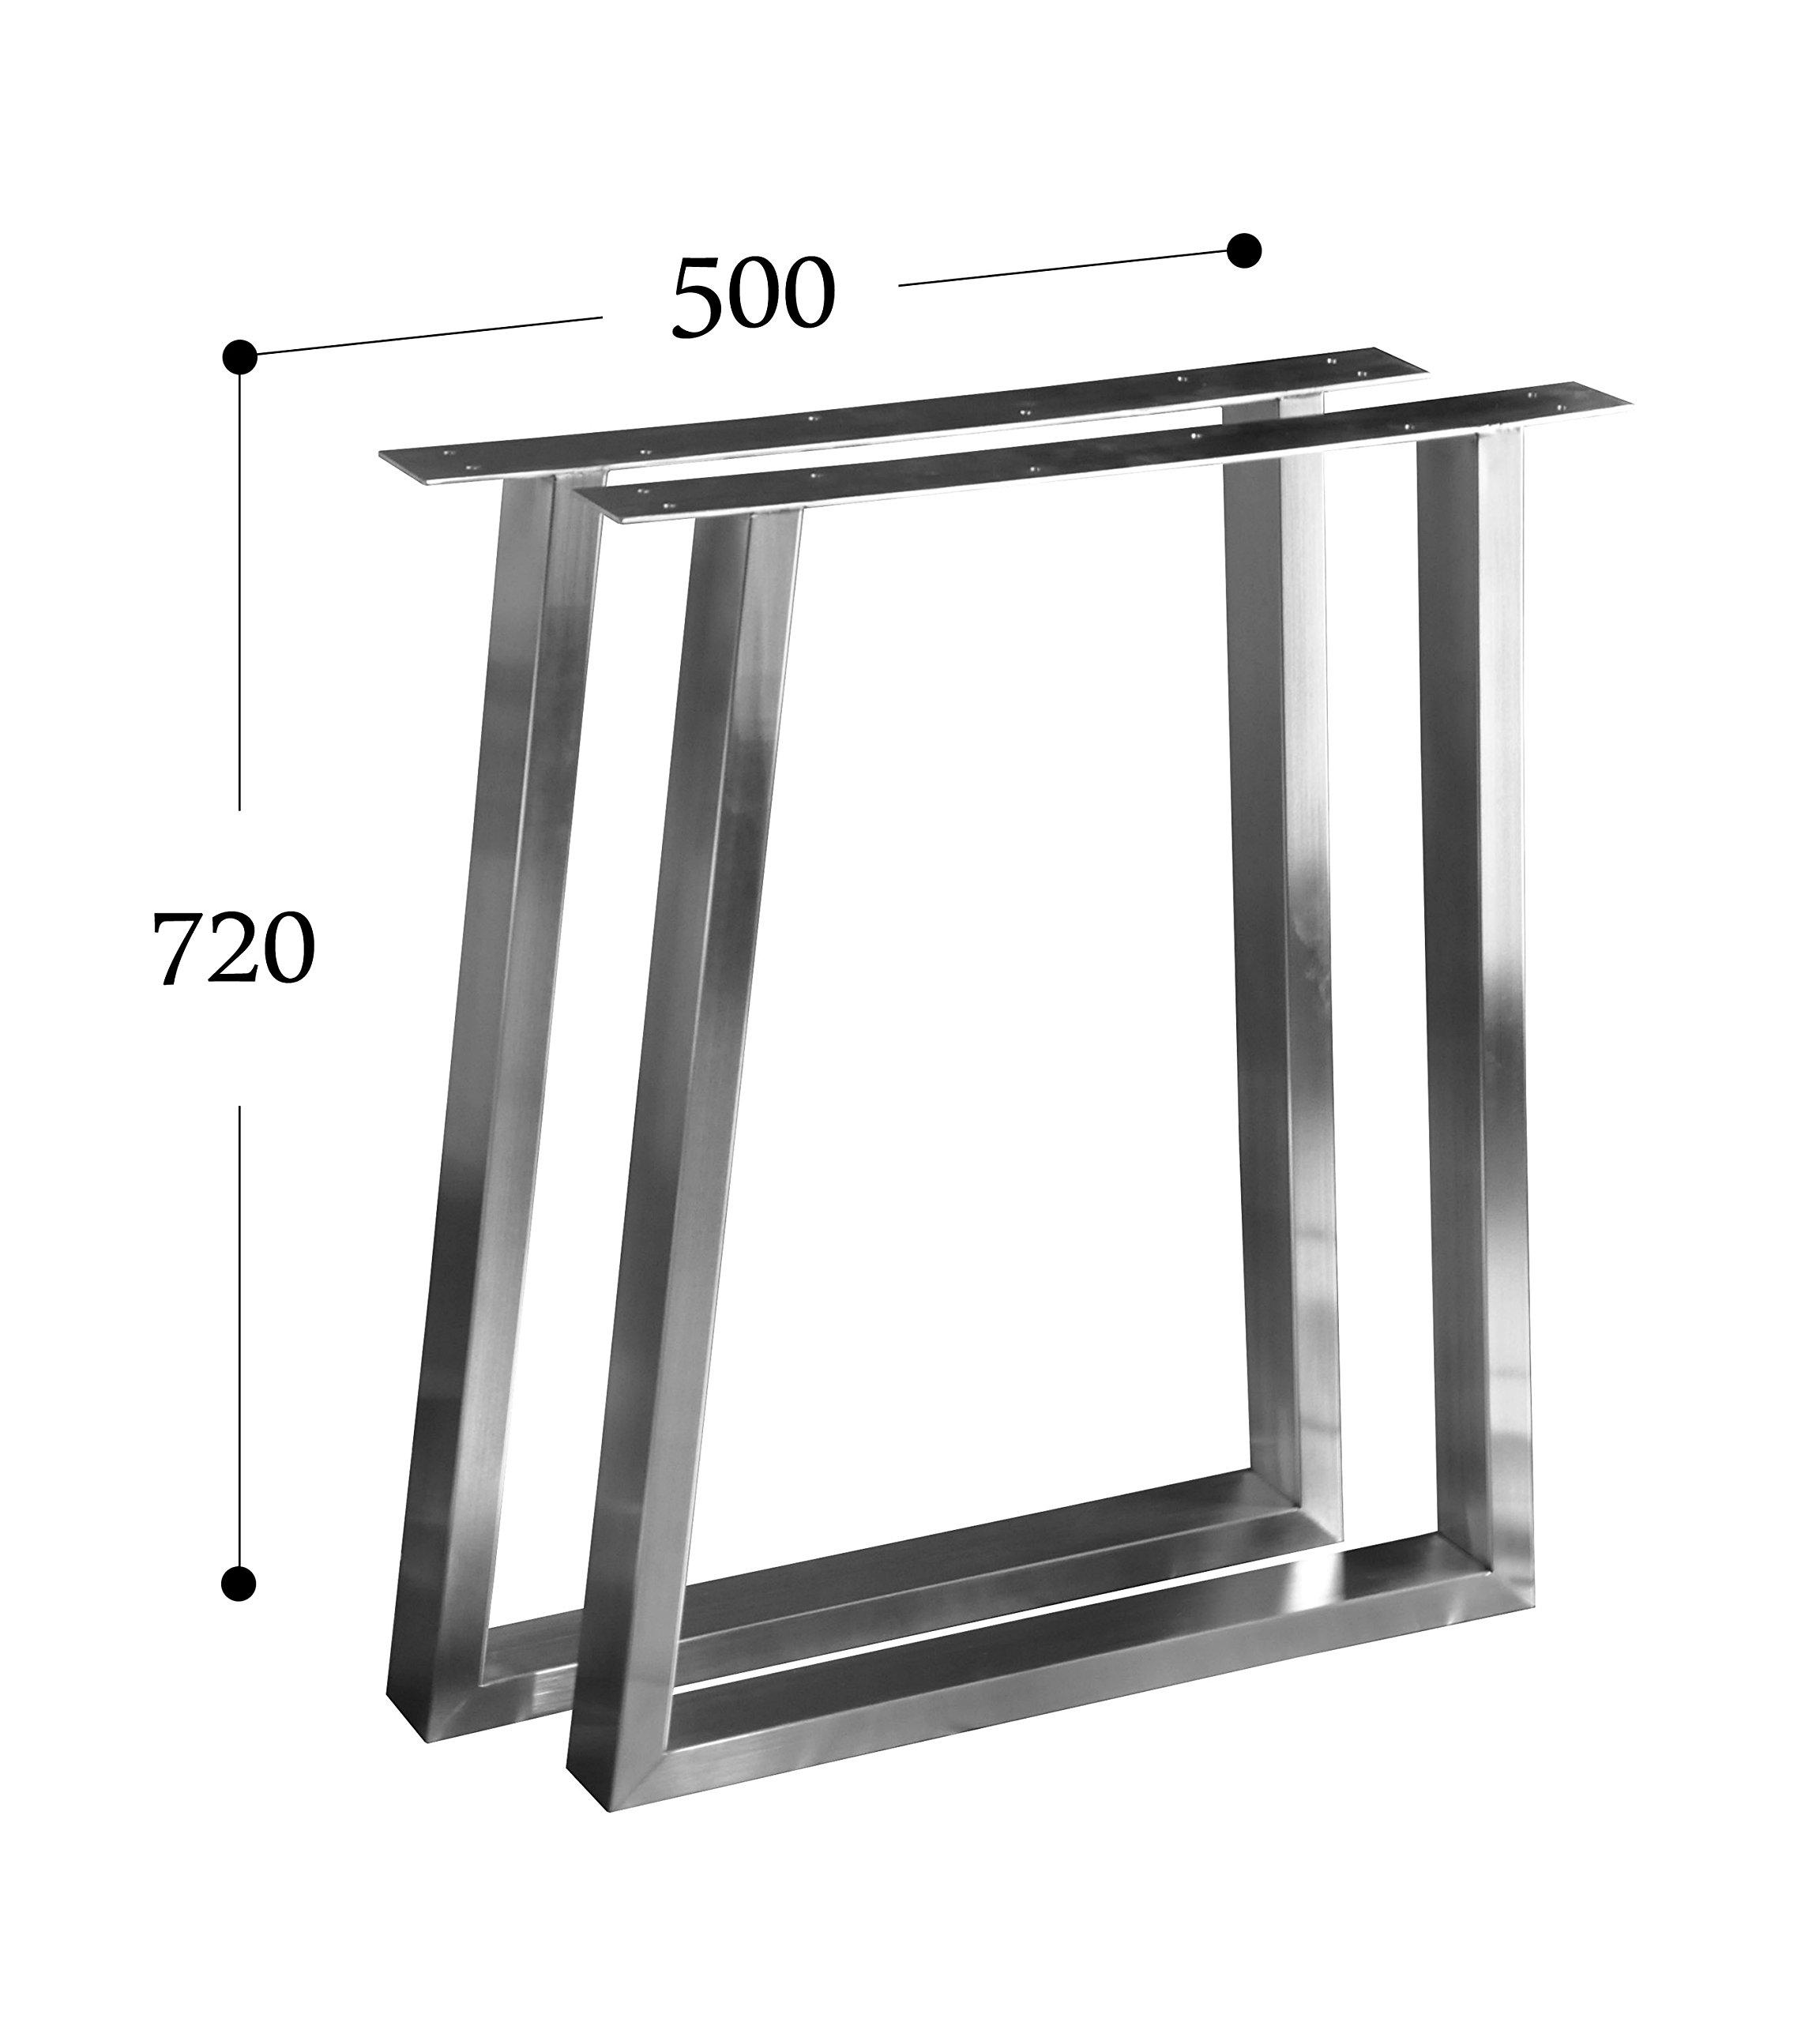 CHYRKA T-Tischgestell Edelstahl 201 60x30 Trapez Rahmentisch Kufengestell Tischkufe Tischuntergestell (720 x 500 mm - 1 Paar) 1